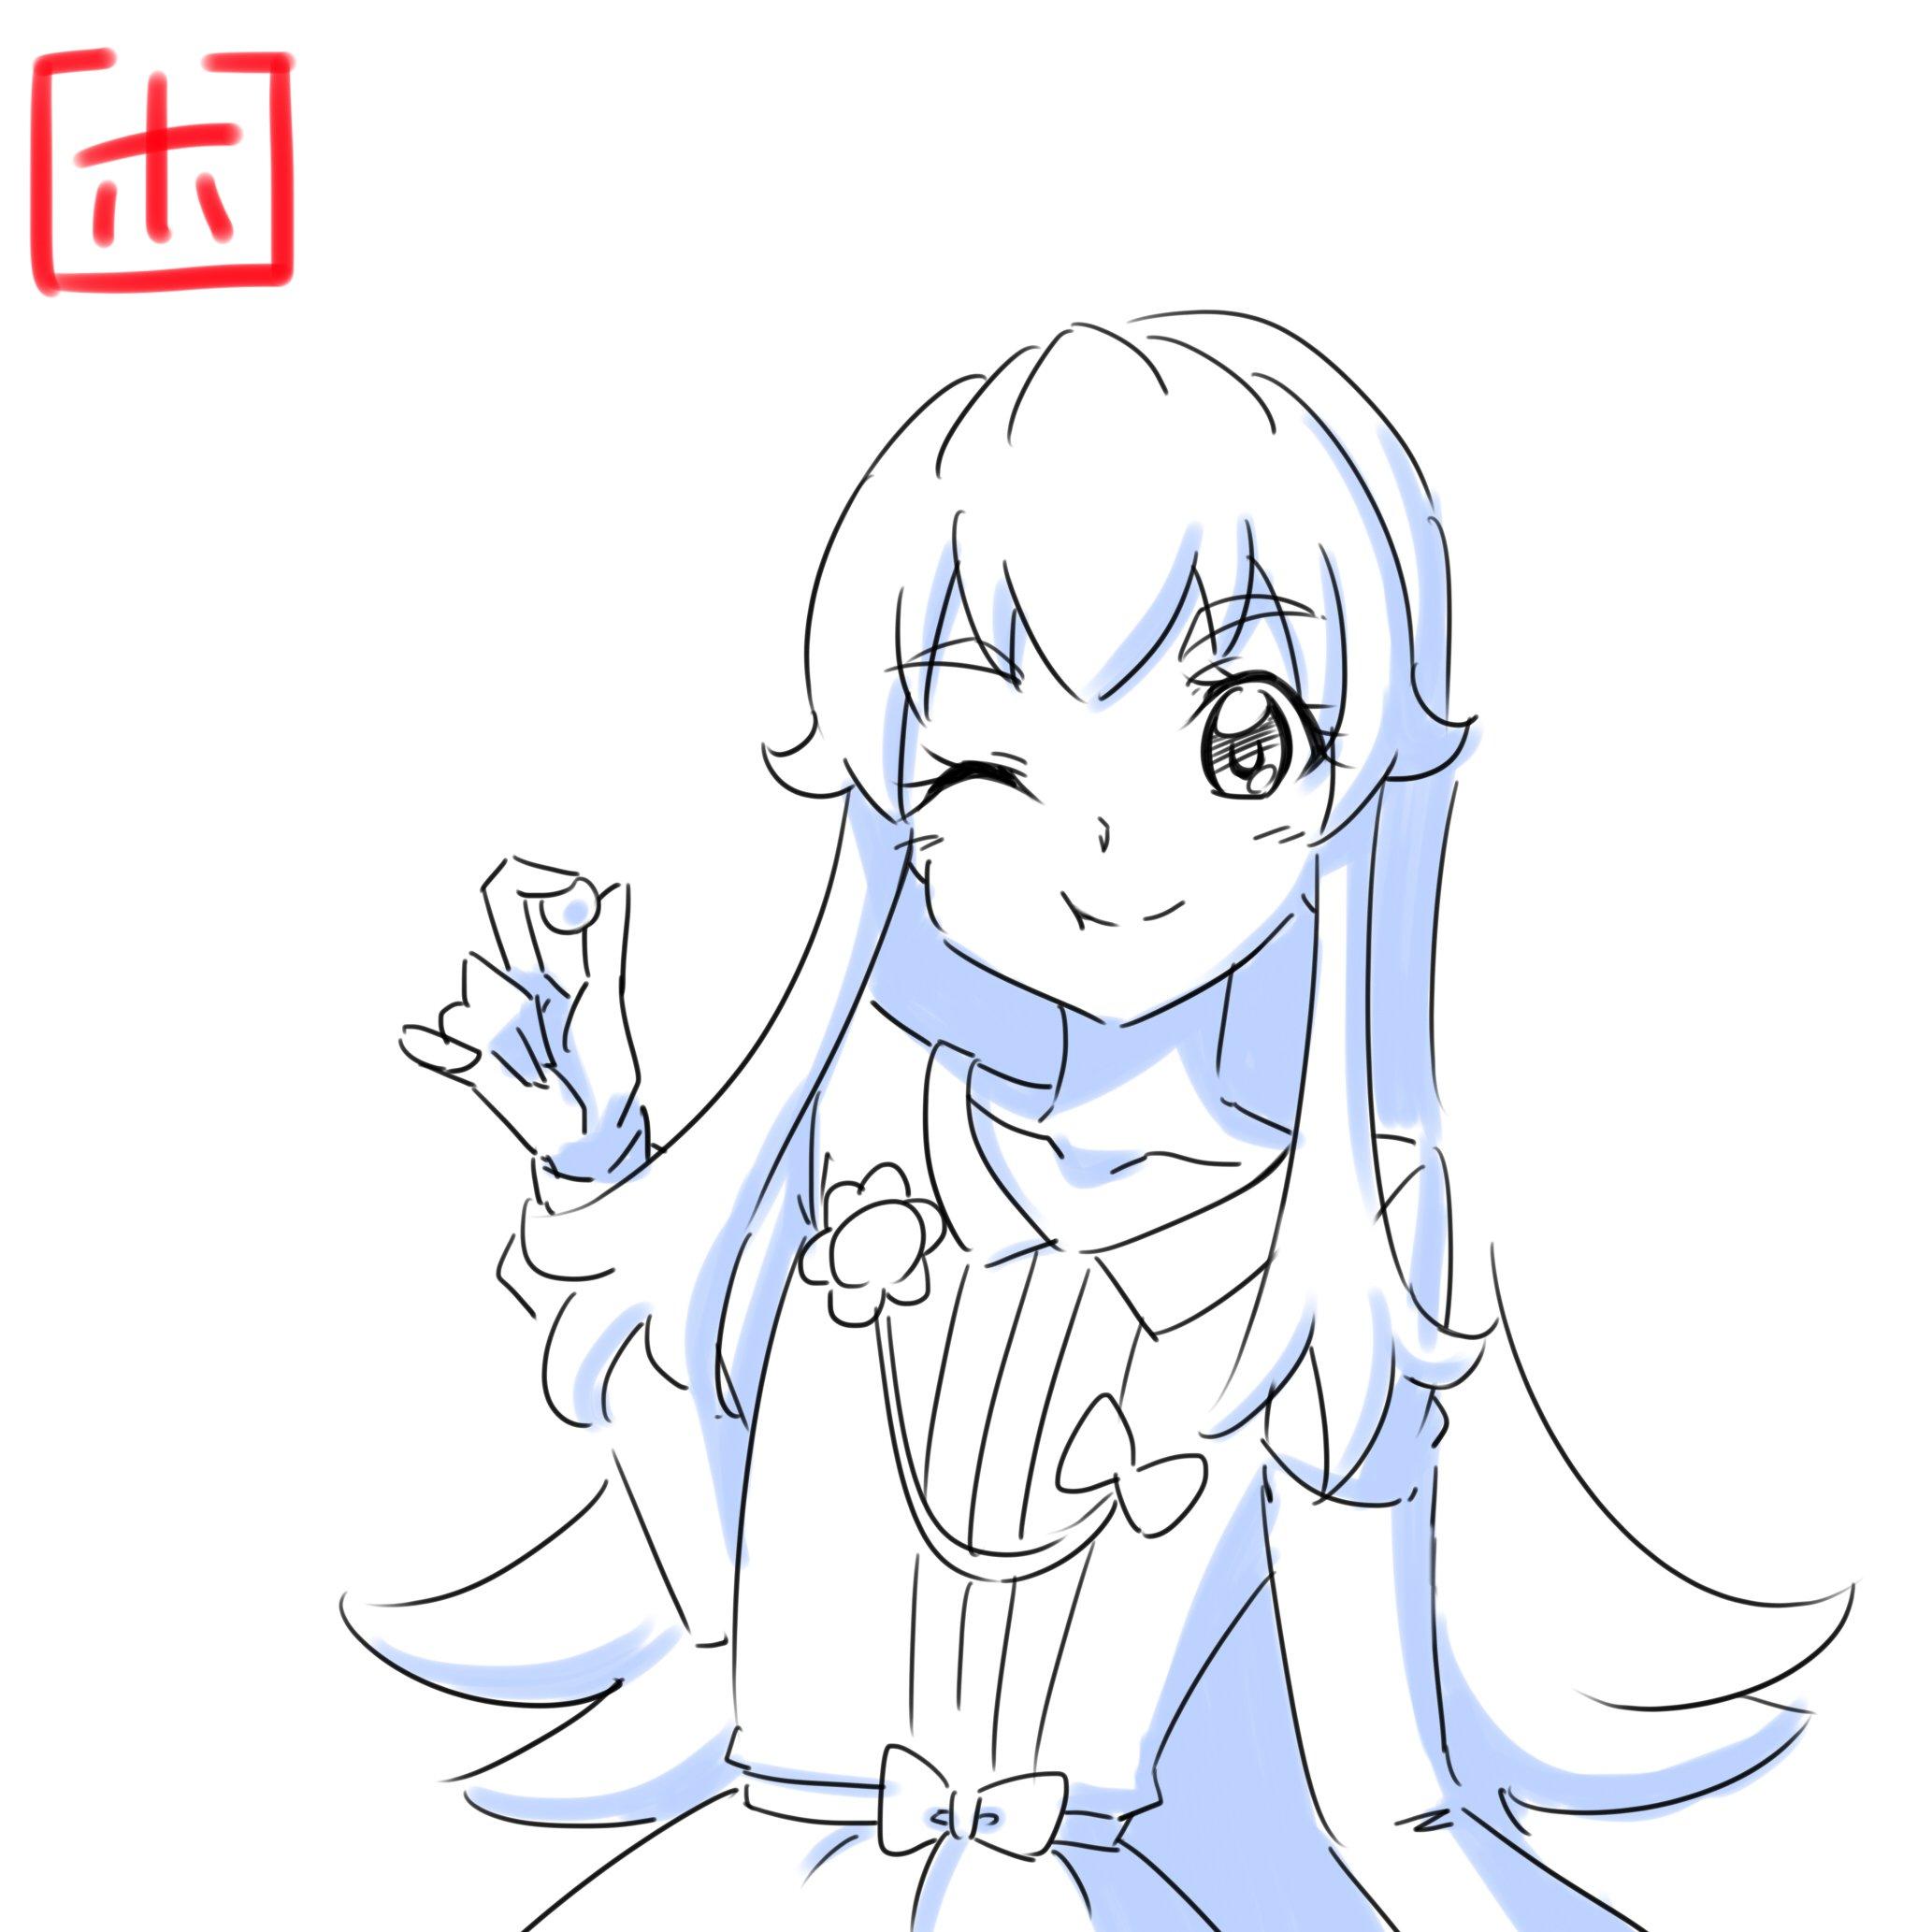 ホリグP@イベ完走 (@horigup)さんのイラスト